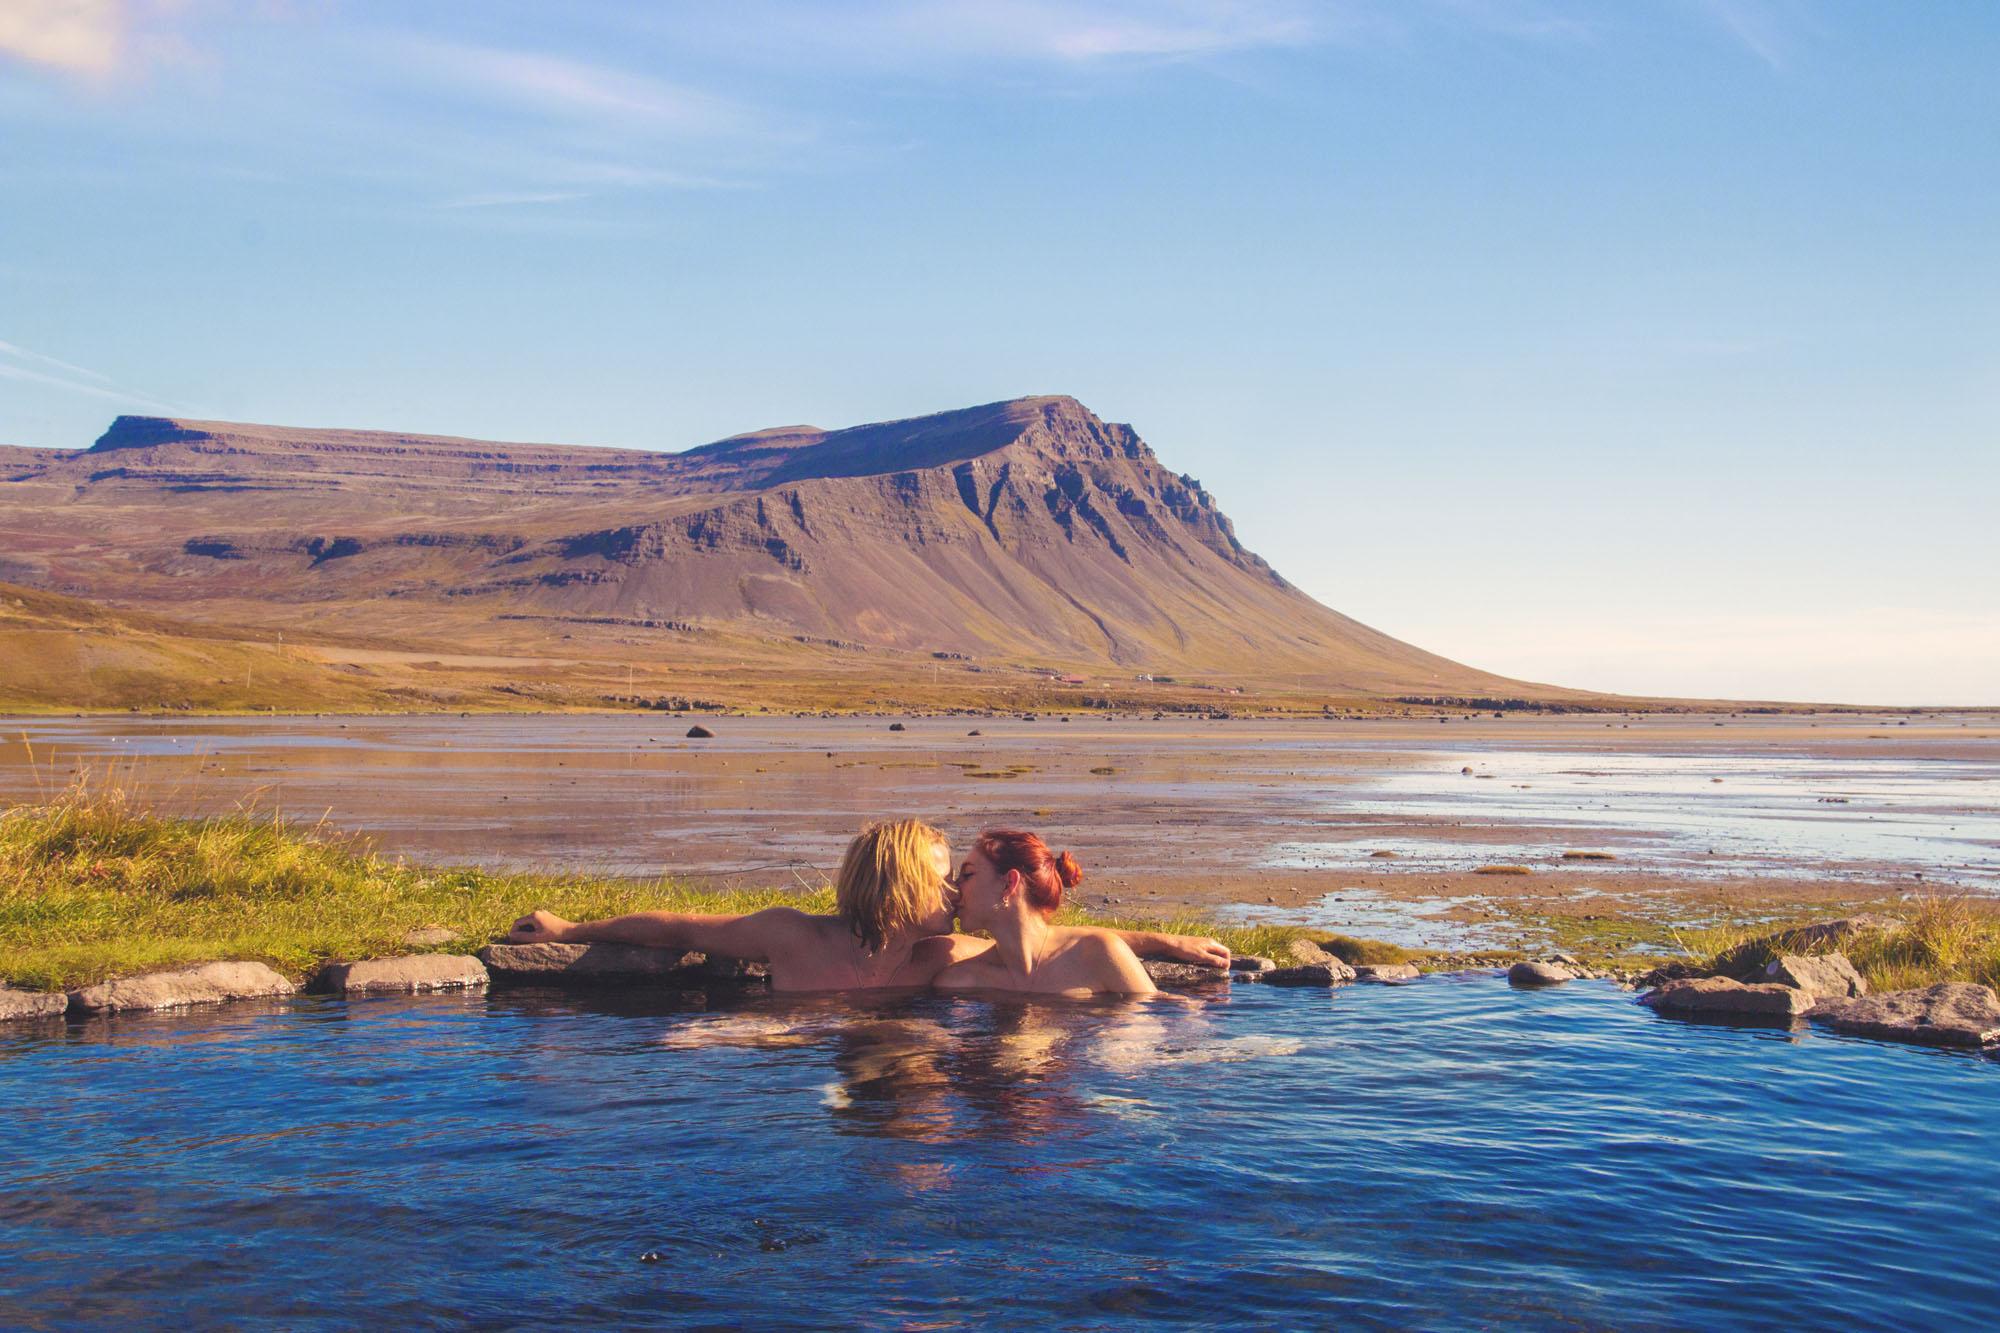 冰岛西峡湾内有许多一个比一个浪漫的天然地热温泉